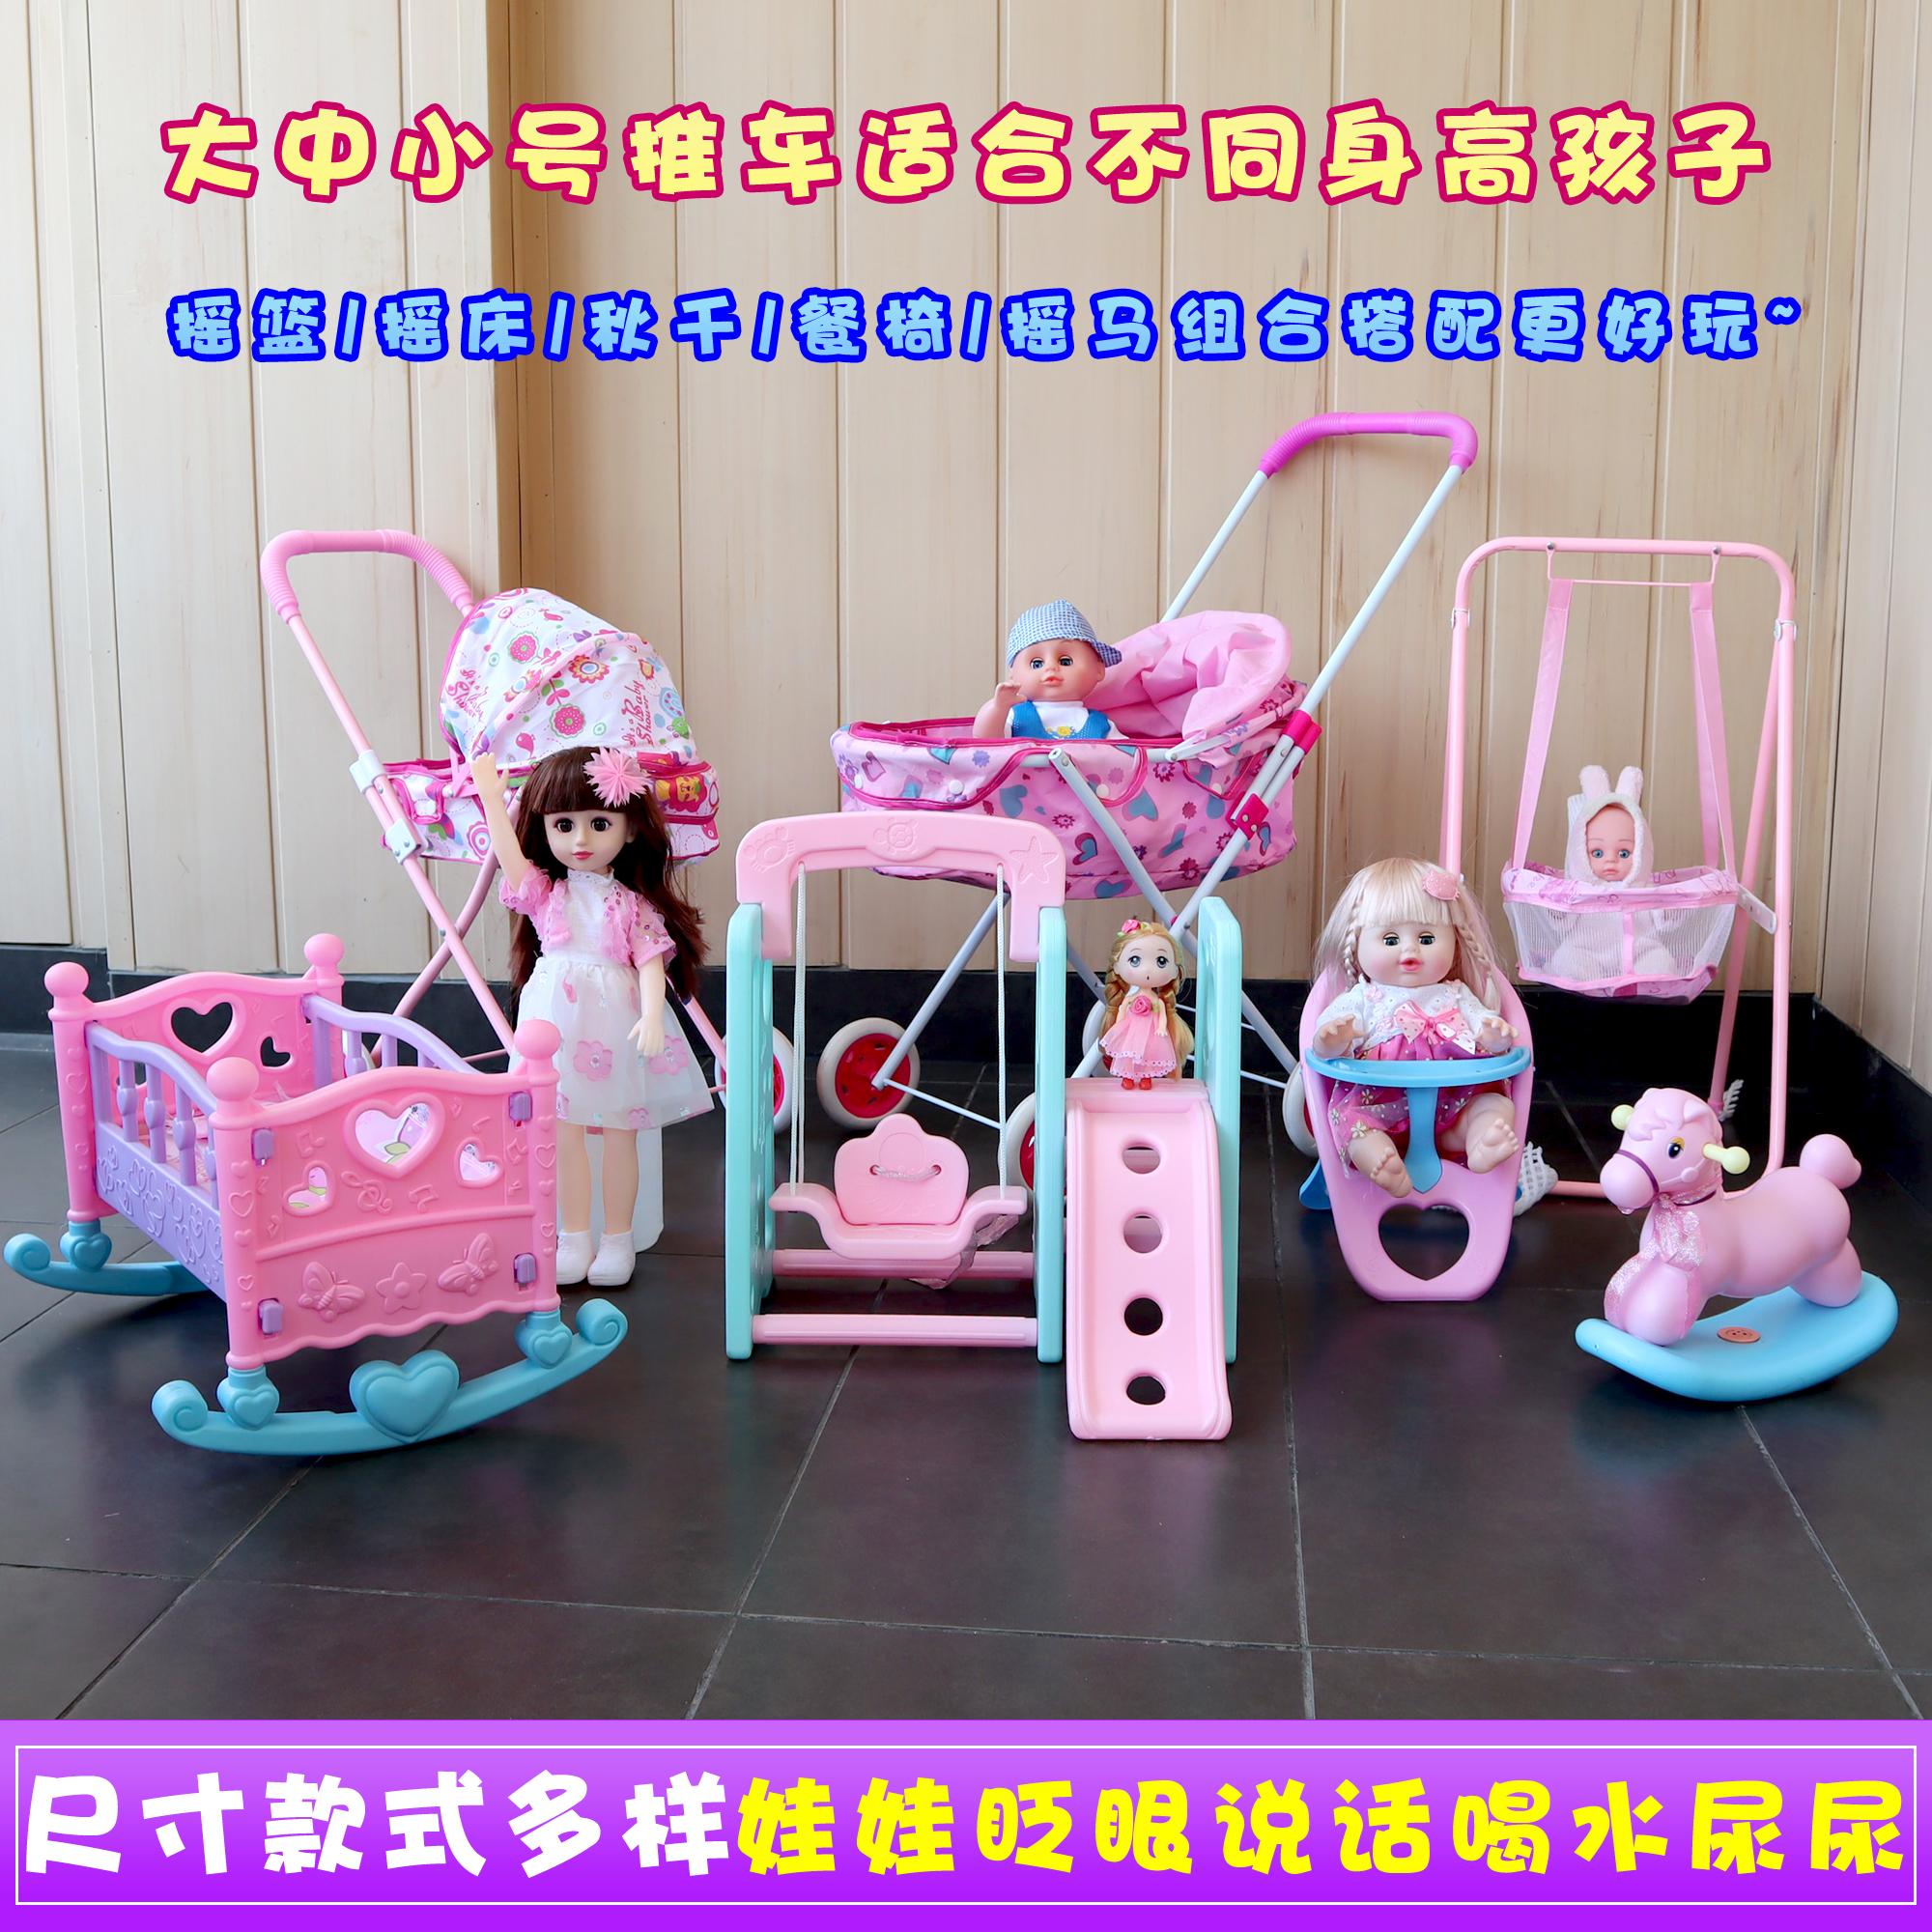 过家家迷你娃娃配件秋千床女孩公主洋娃娃宝宝手推车玩具婴儿摇篮